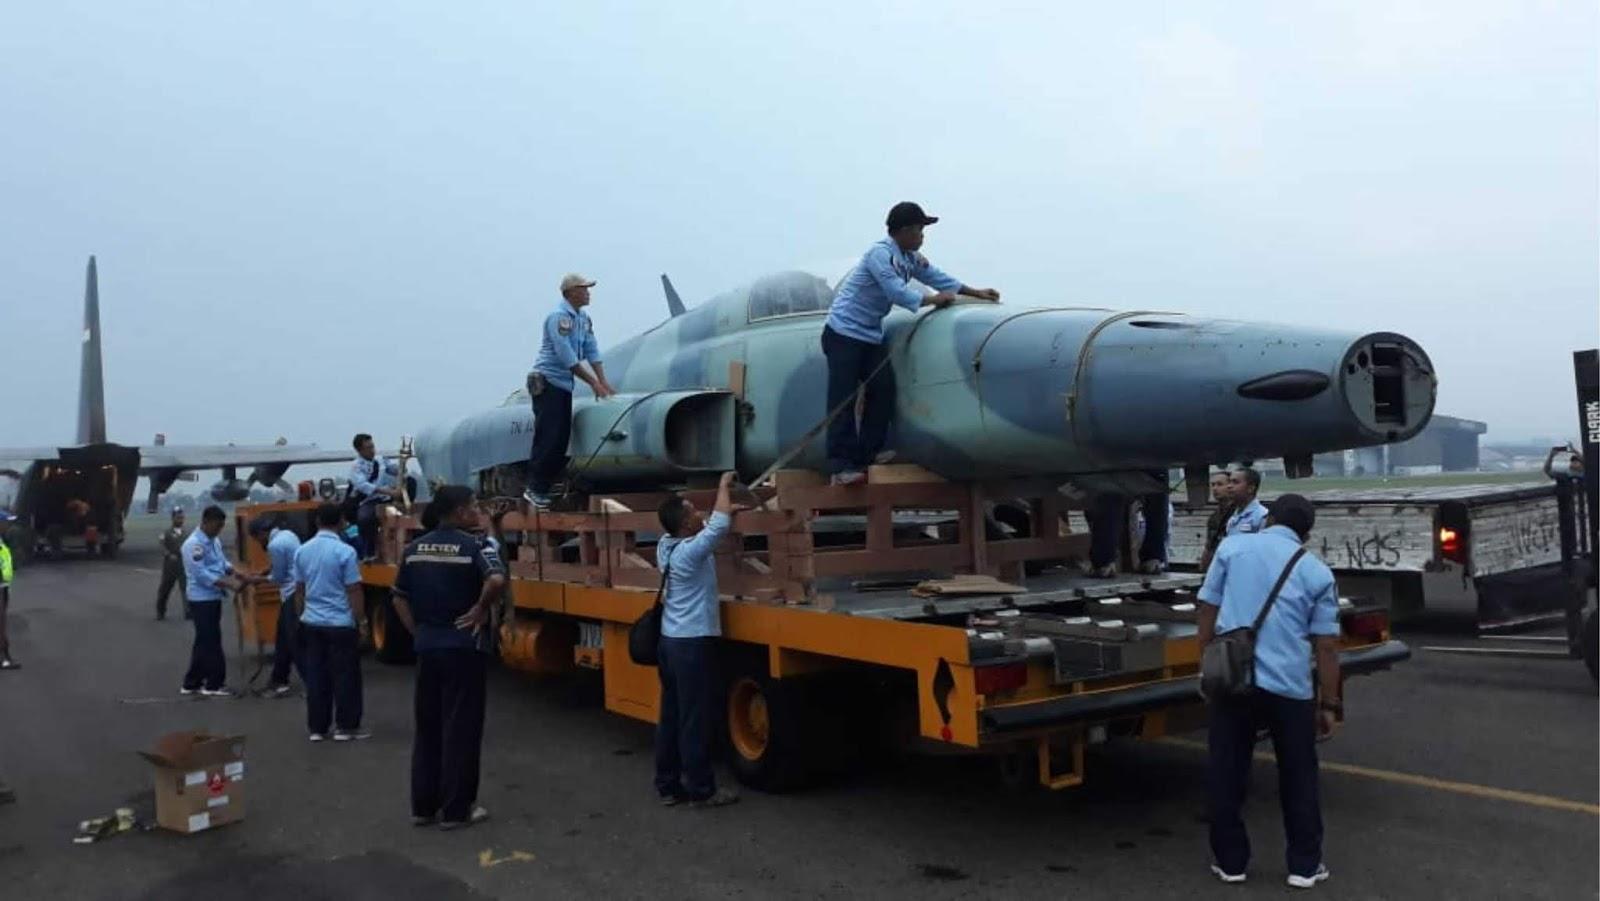 Rumah baru untuk si Macan, Pesawat F-5 E/F Tiger II Akhiri Pengabdiannya di Seskoau Lembang